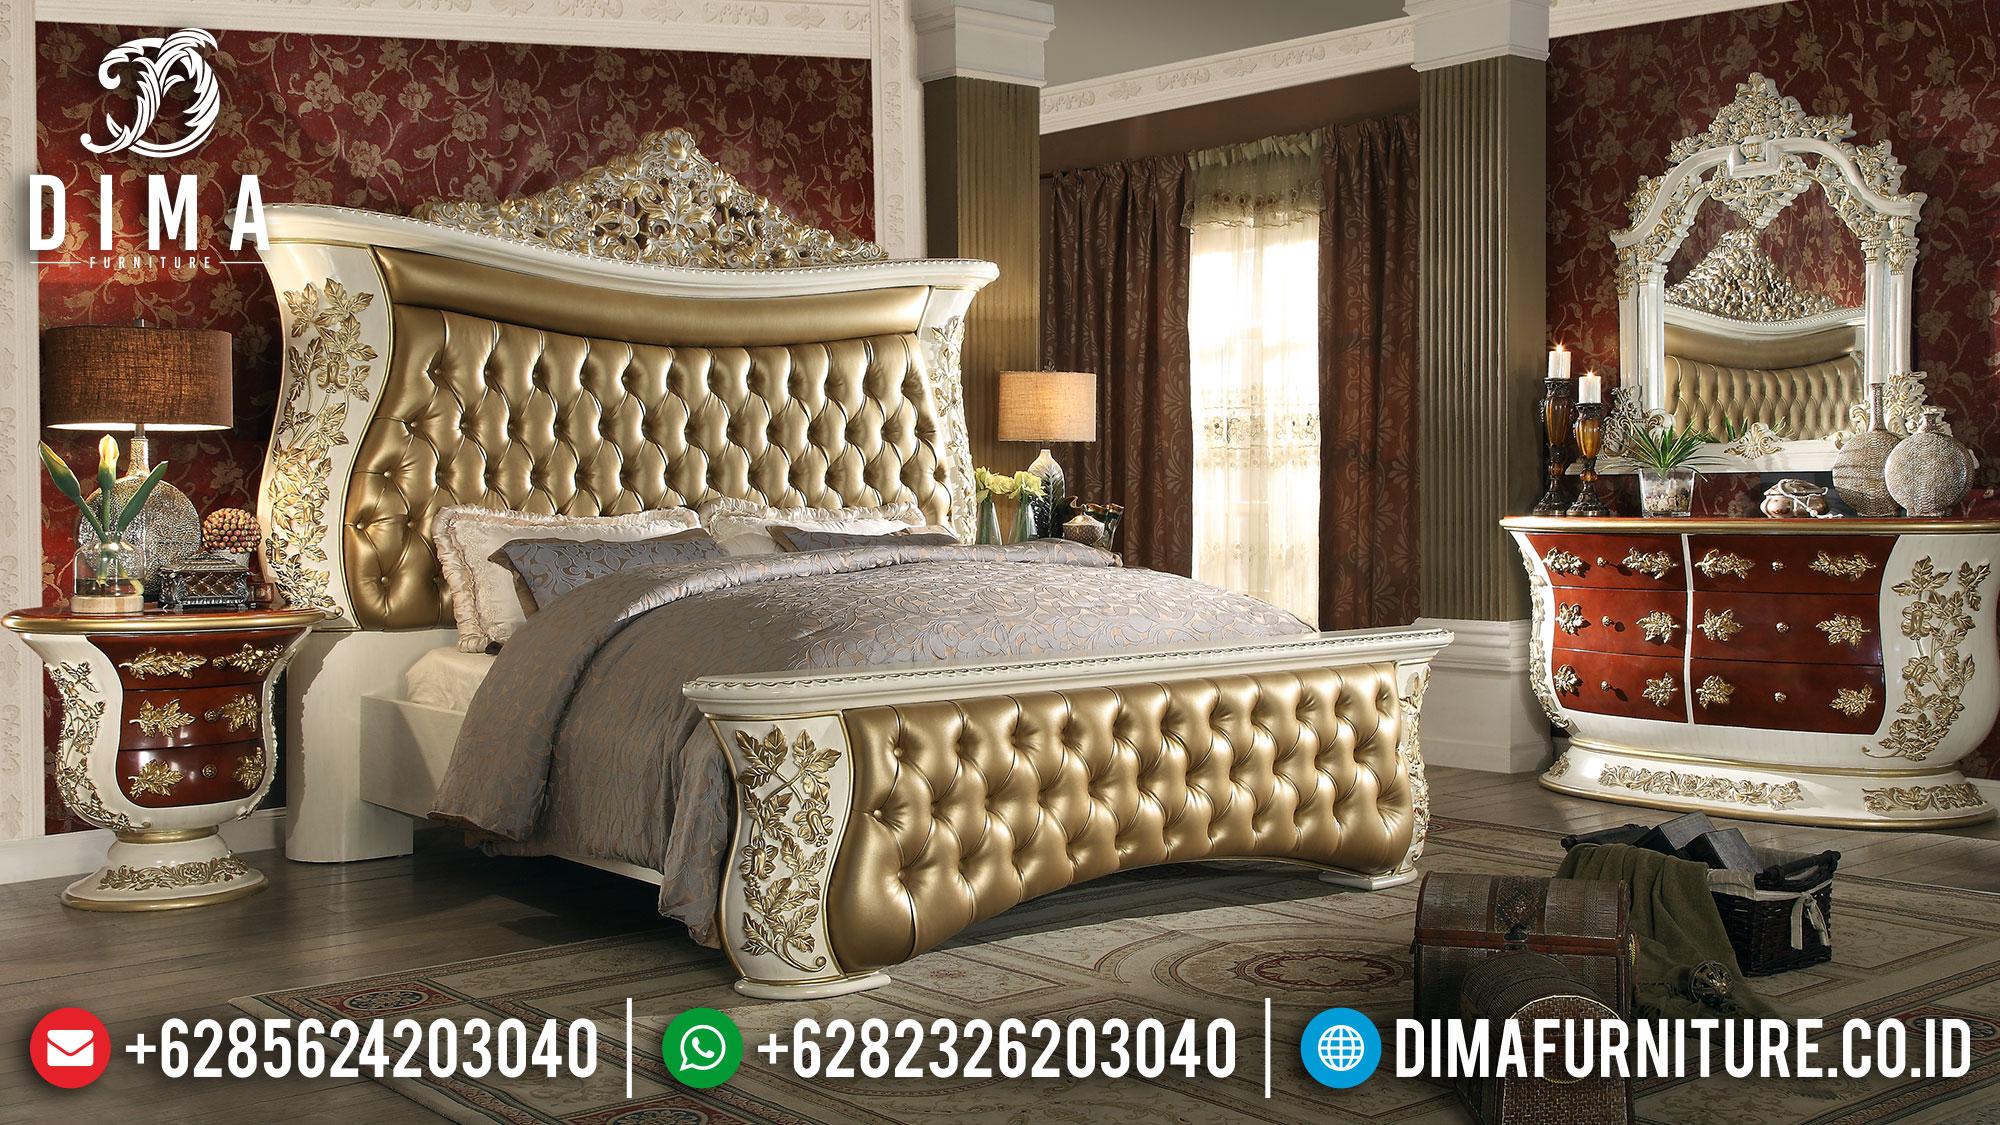 Kamar Set Mewah Ukiran Jepara King Size Luxarious MMJ-0171